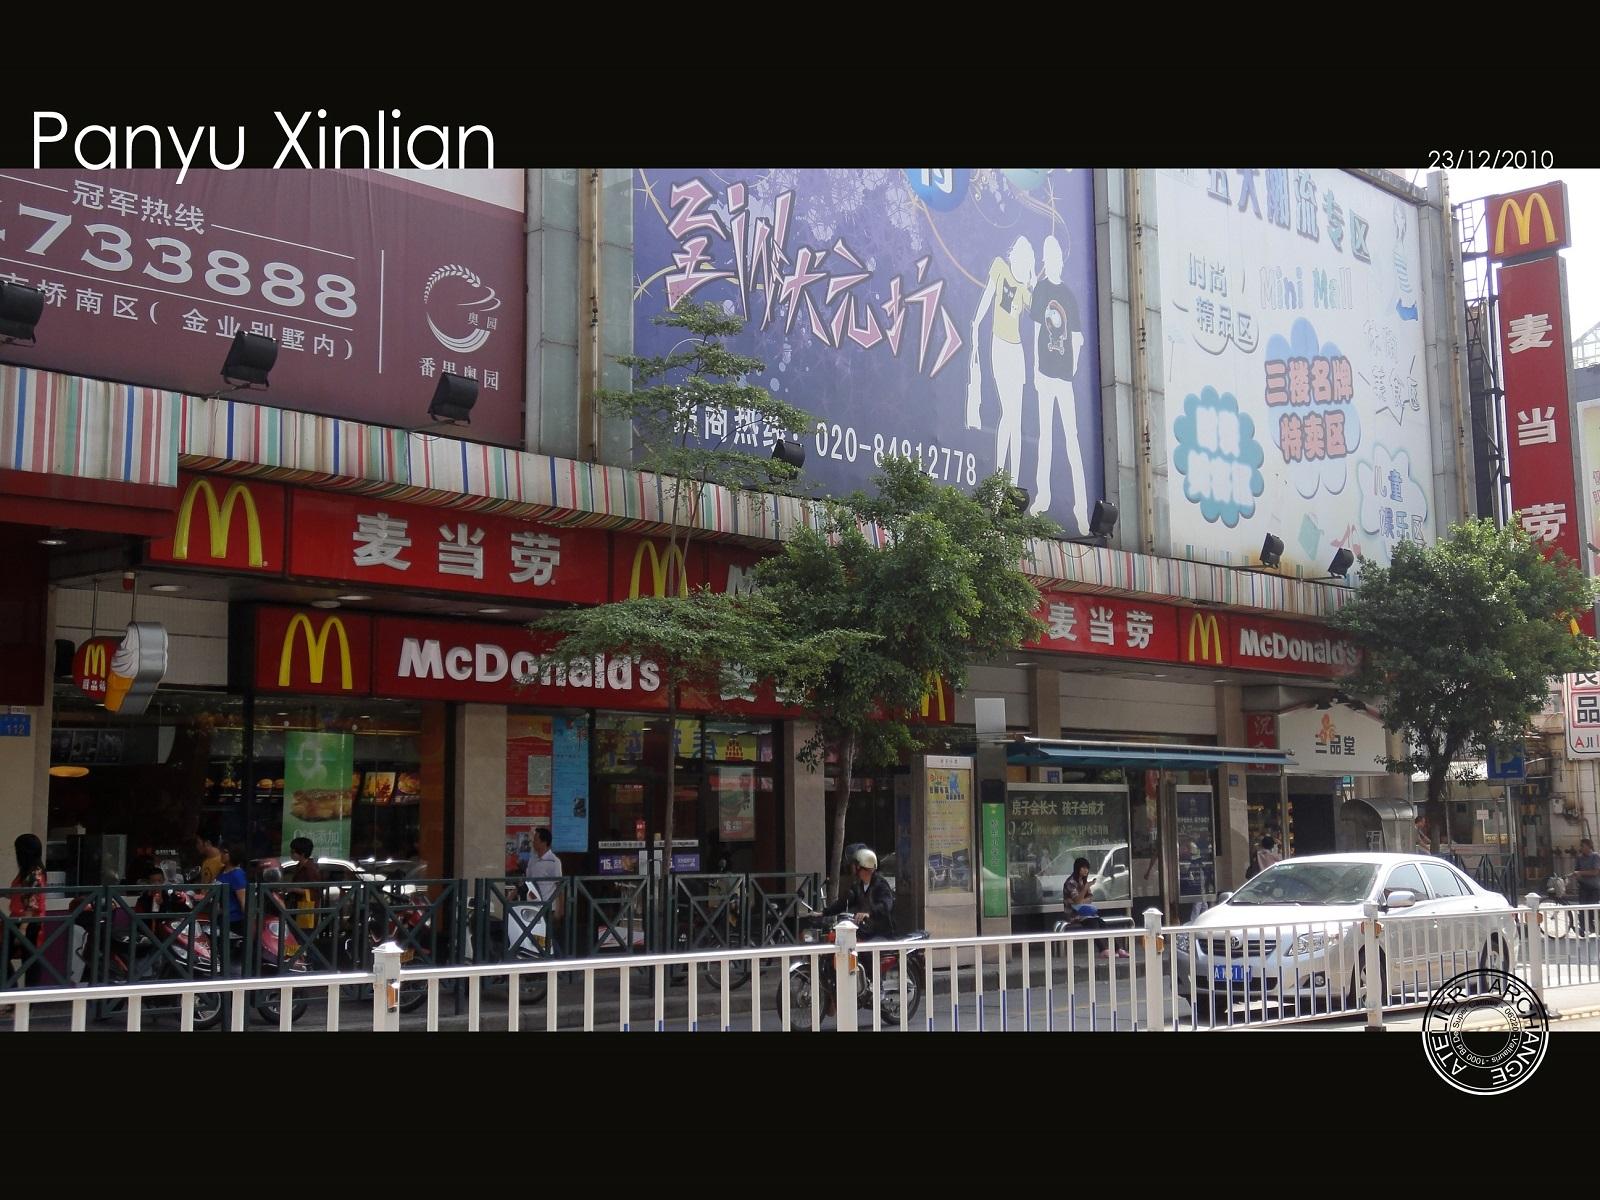 Panyu Xinlian